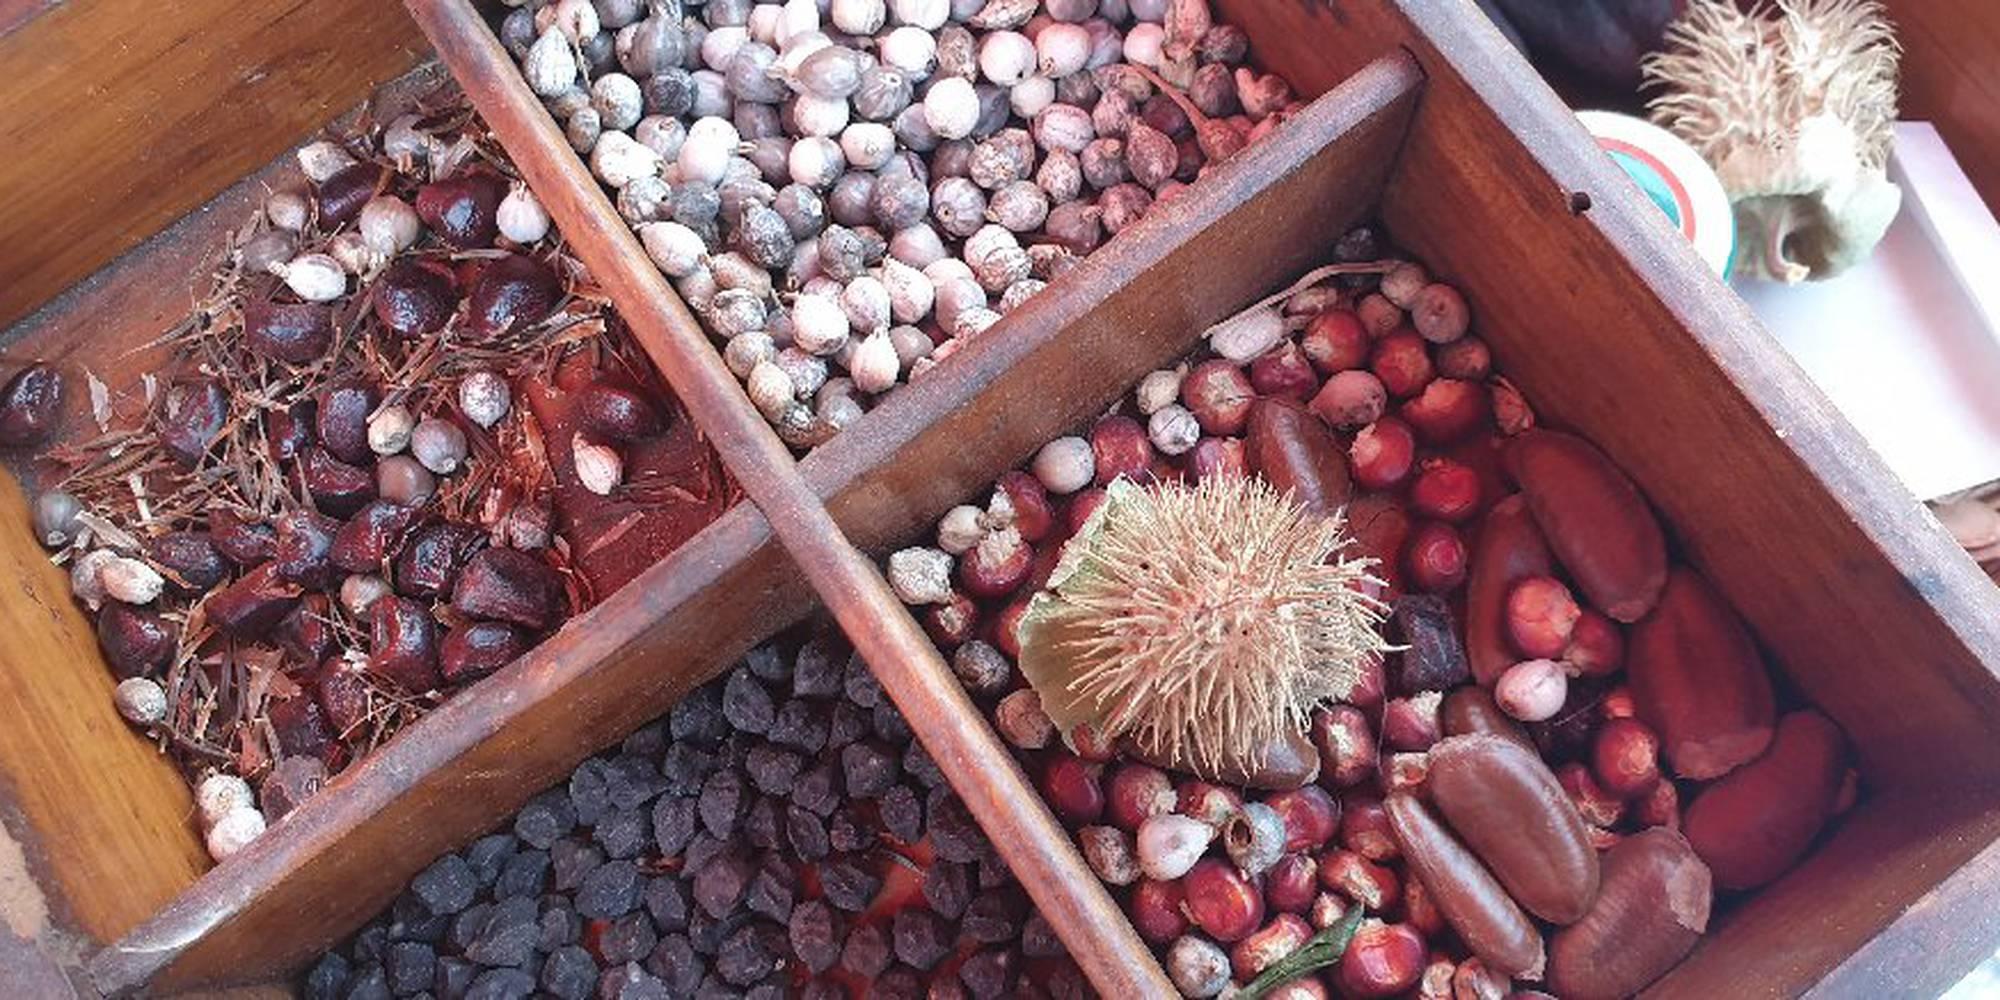 scambio di semi.jpg